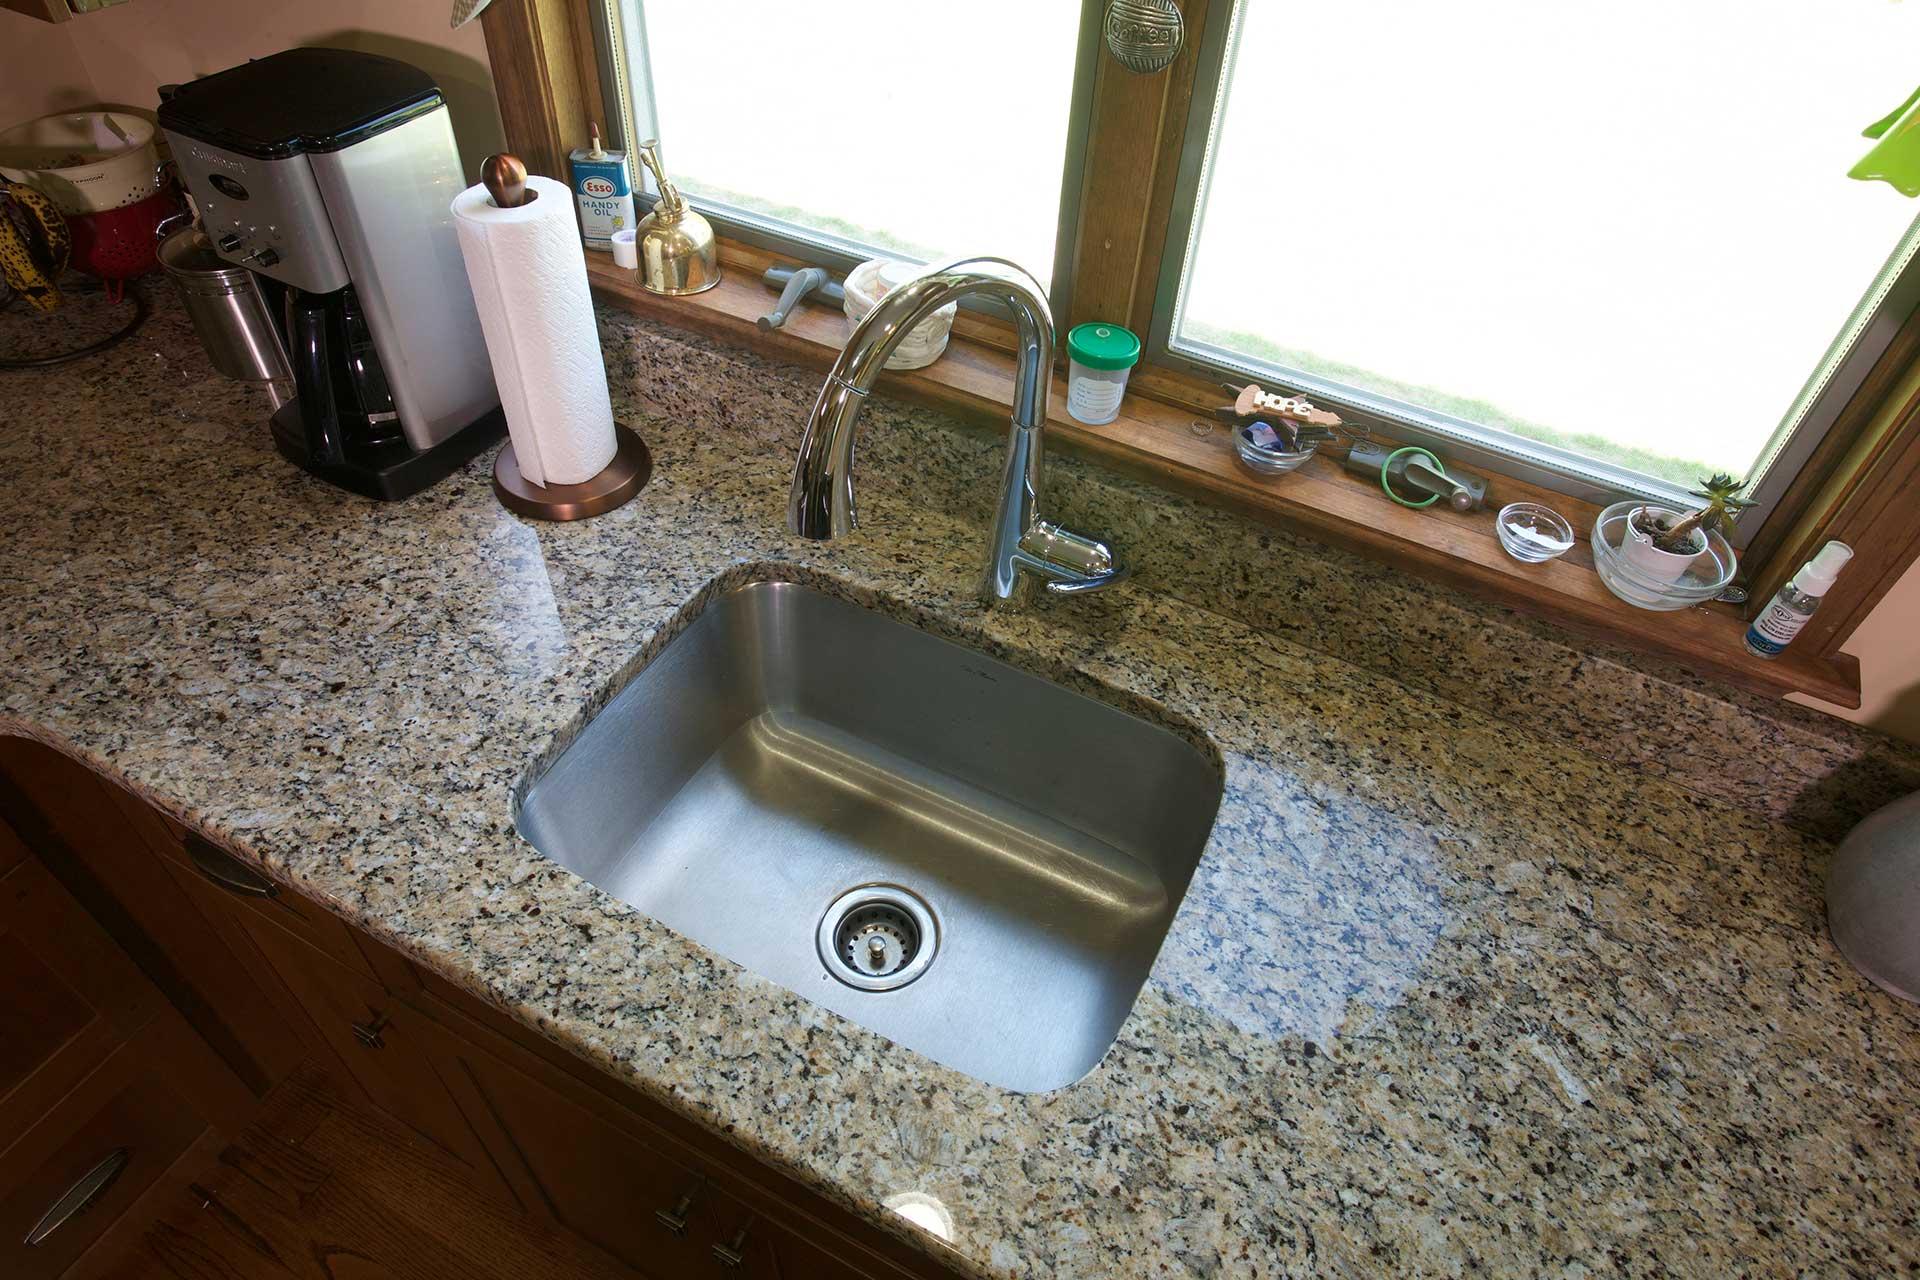 Medium Sized Kitchen Sink